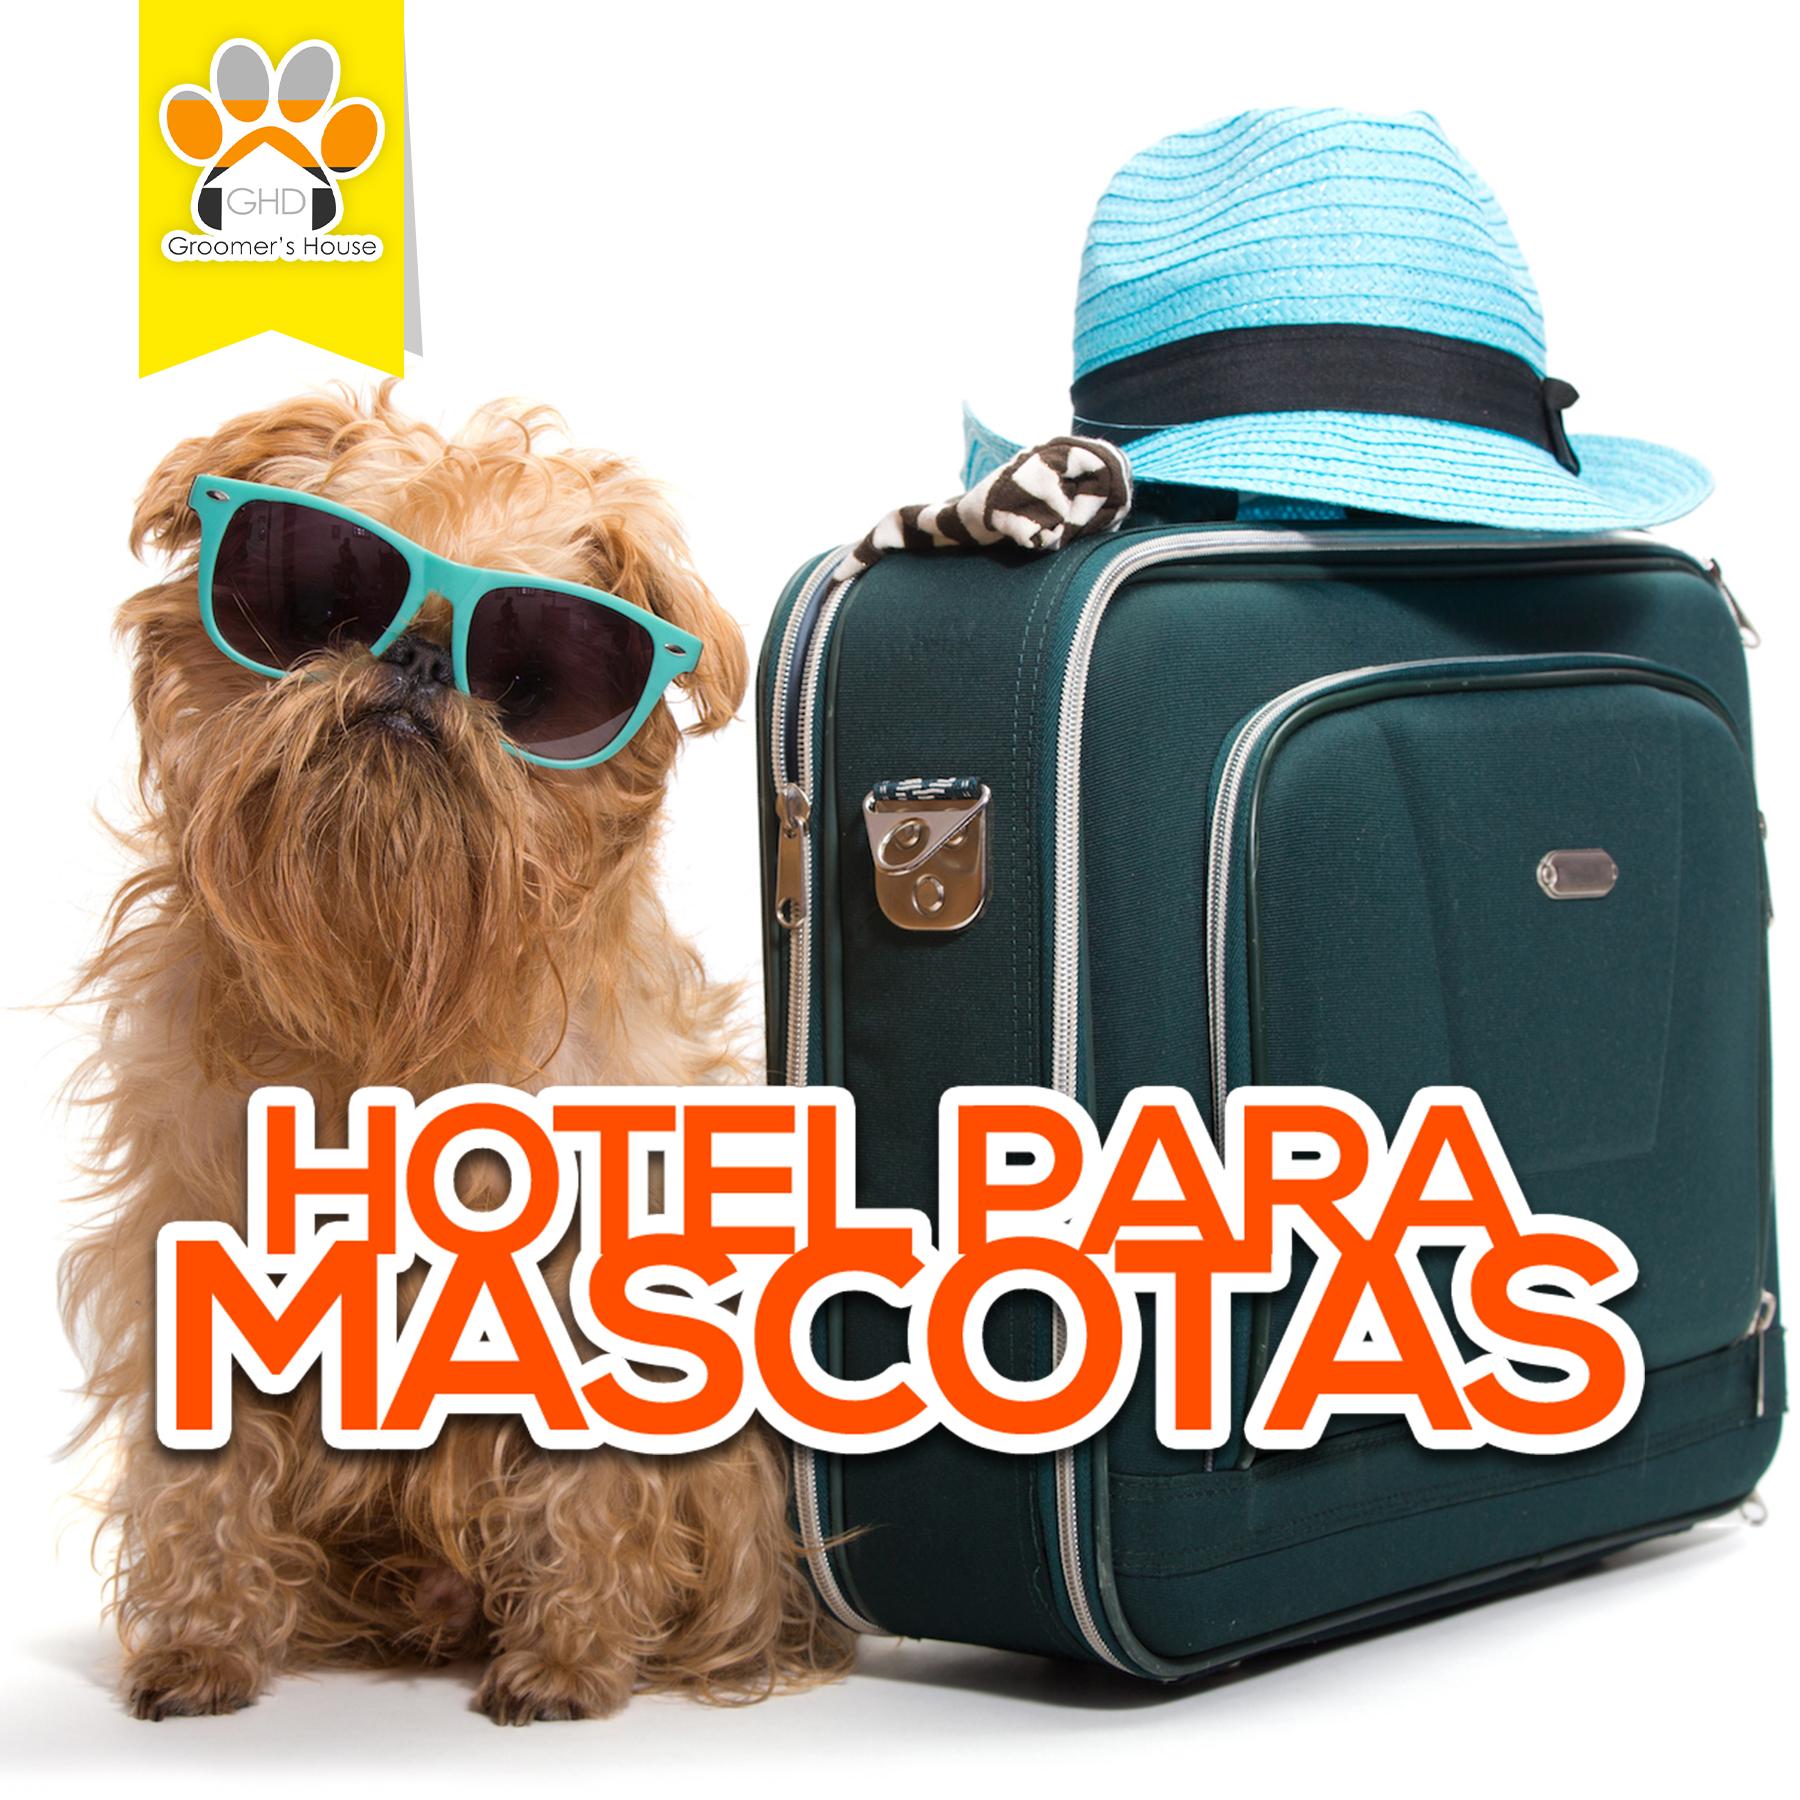 hotel mascotas 2